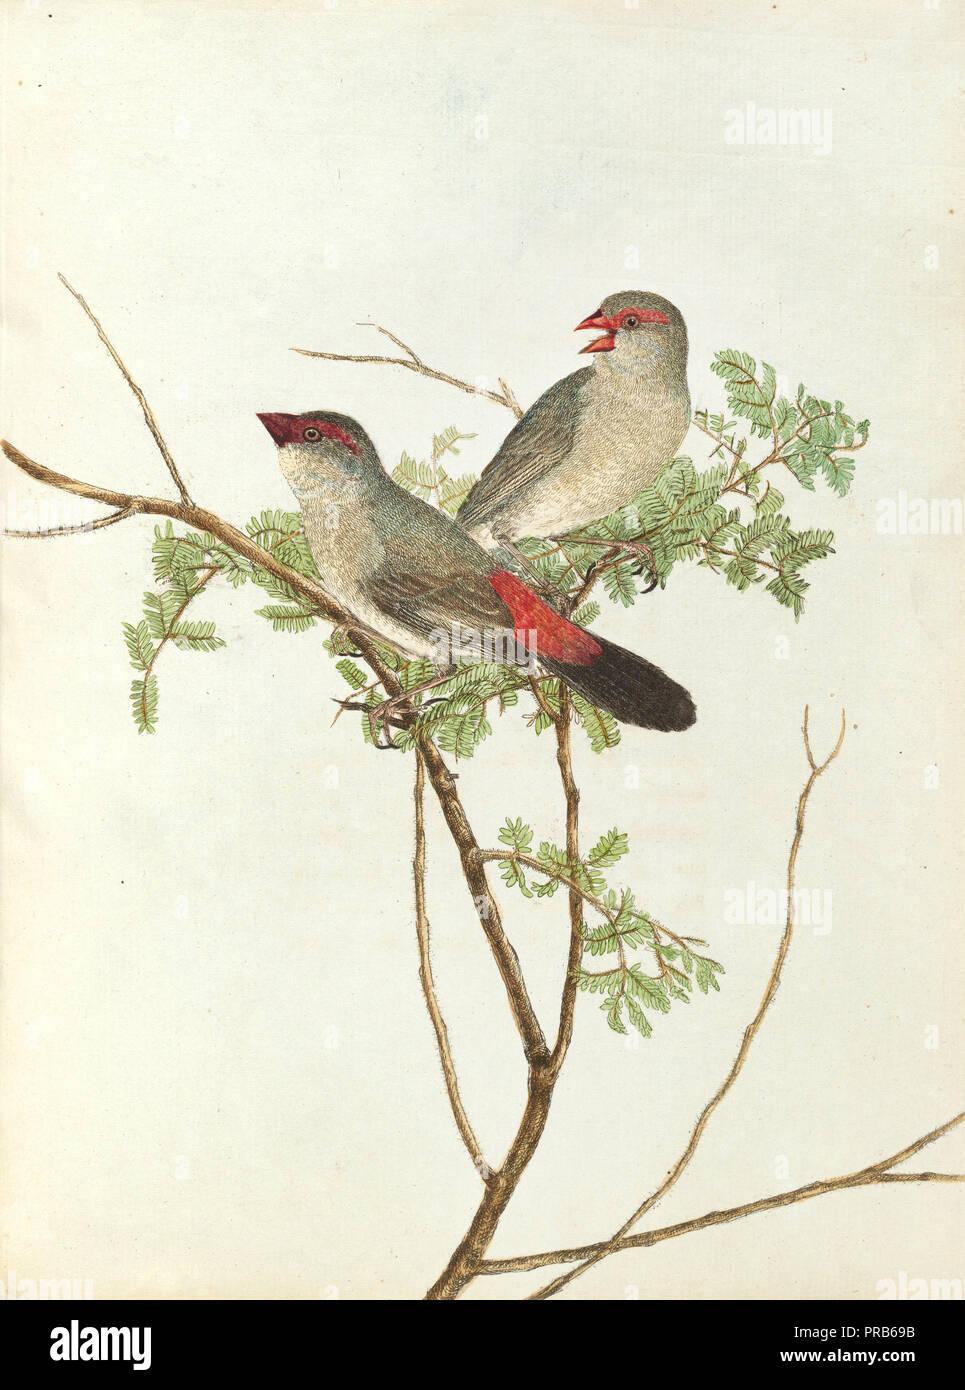 John Lewin, Común Grossbeak, 1805 Impresión, Galería Nacional de Australia, Canberra, Australia. Imagen De Stock